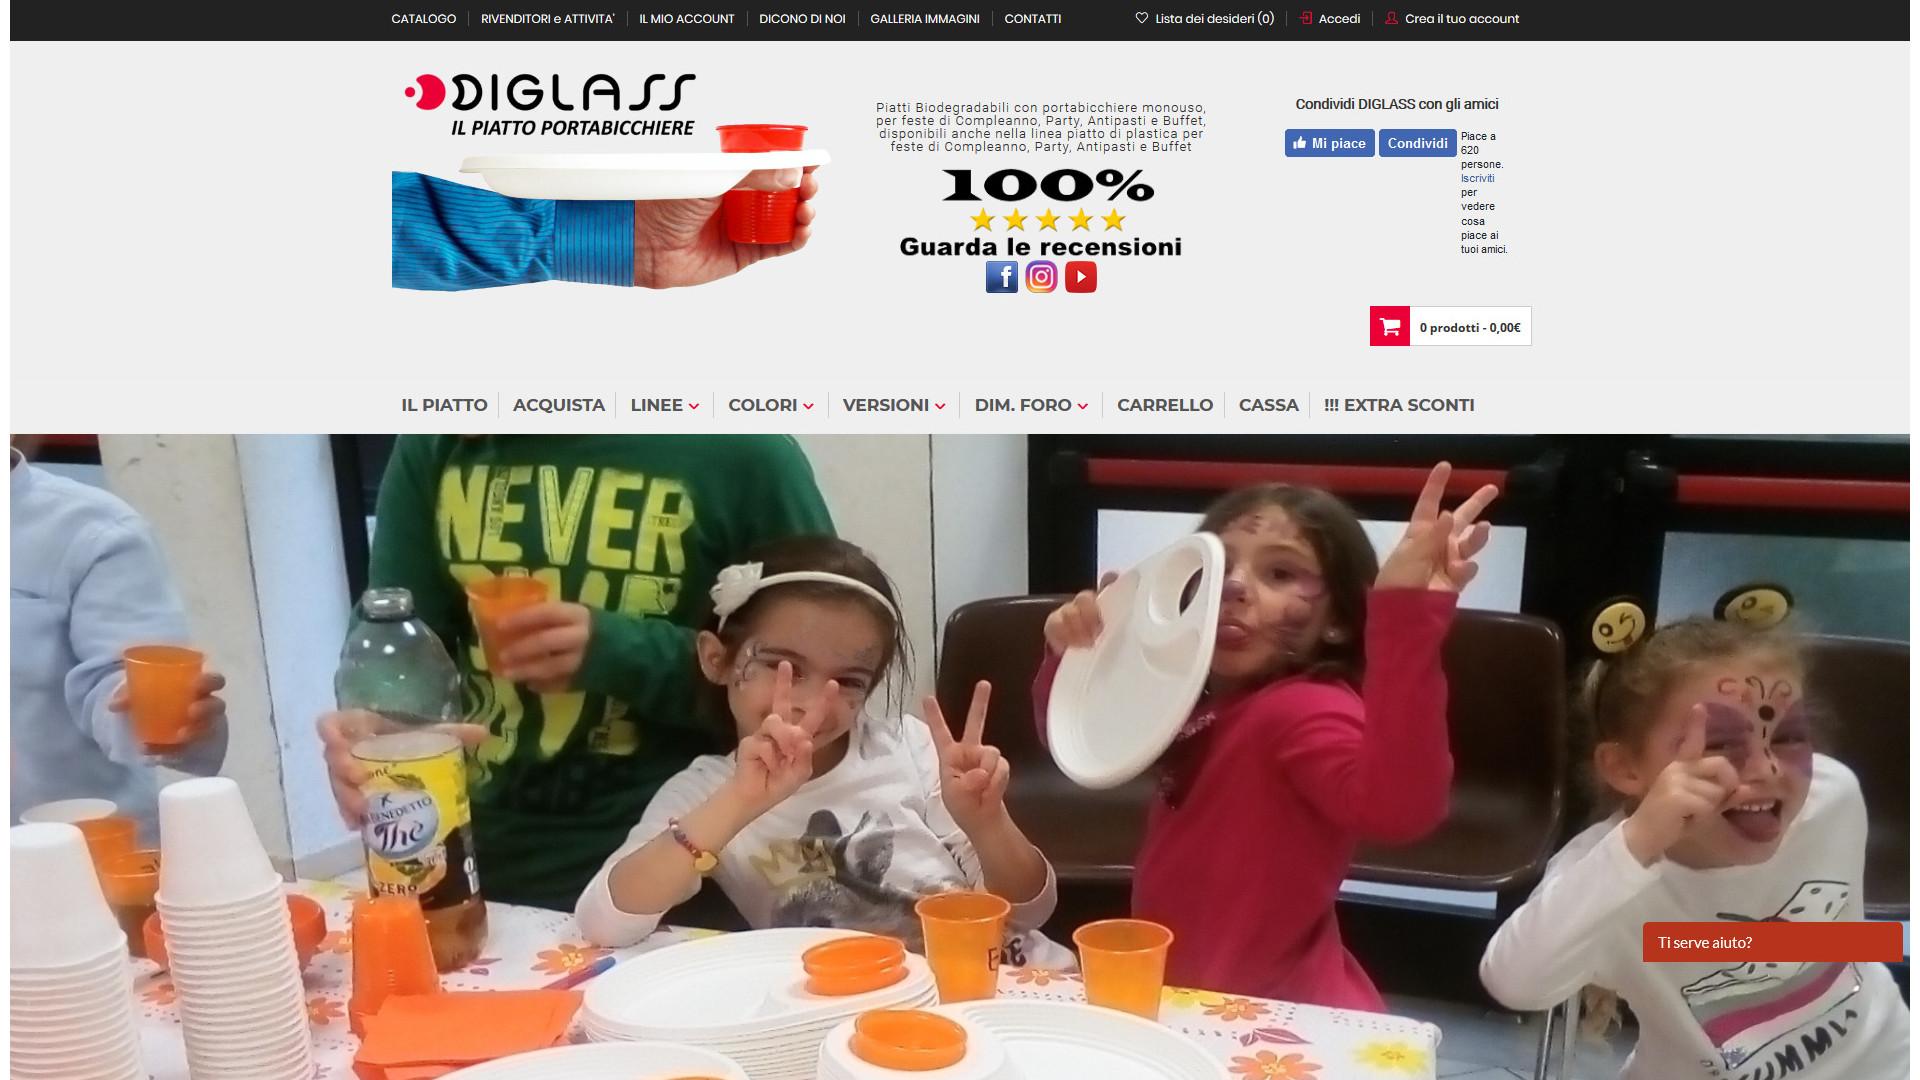 Bambine che fanno festa con piatti con il foro bianchi e bicchieri arancioni